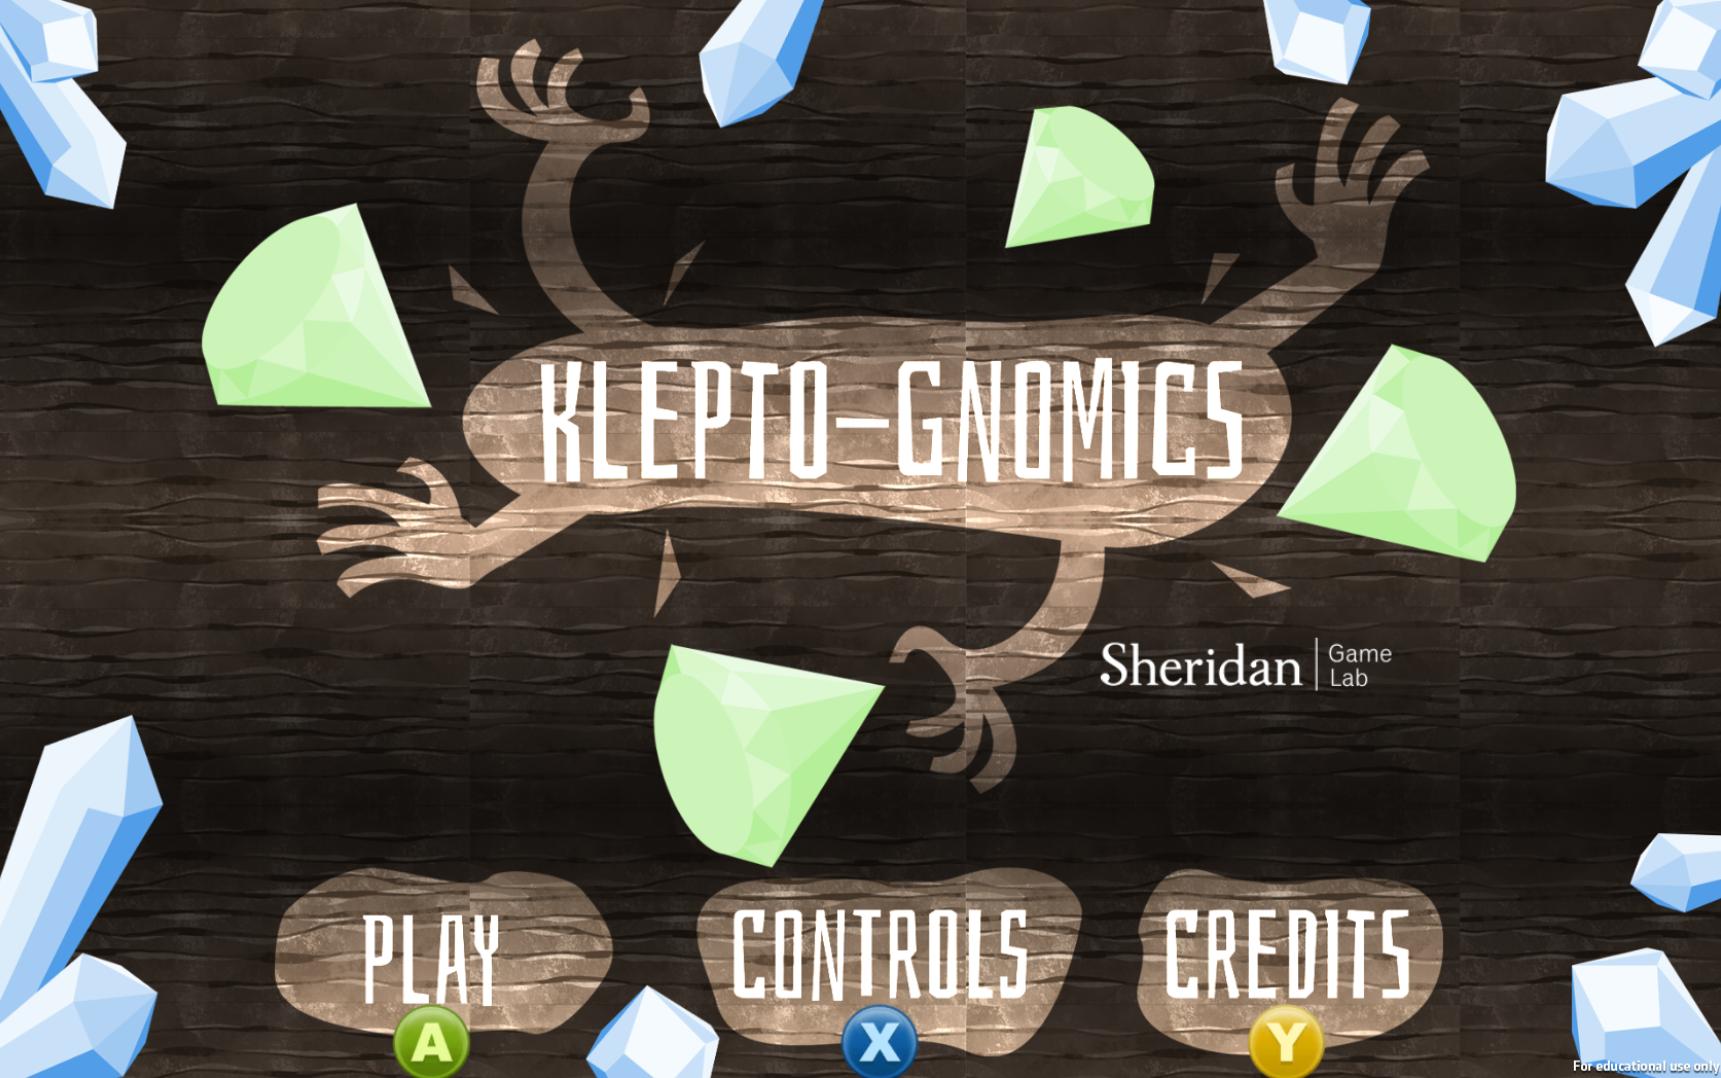 Klepto-gnomics